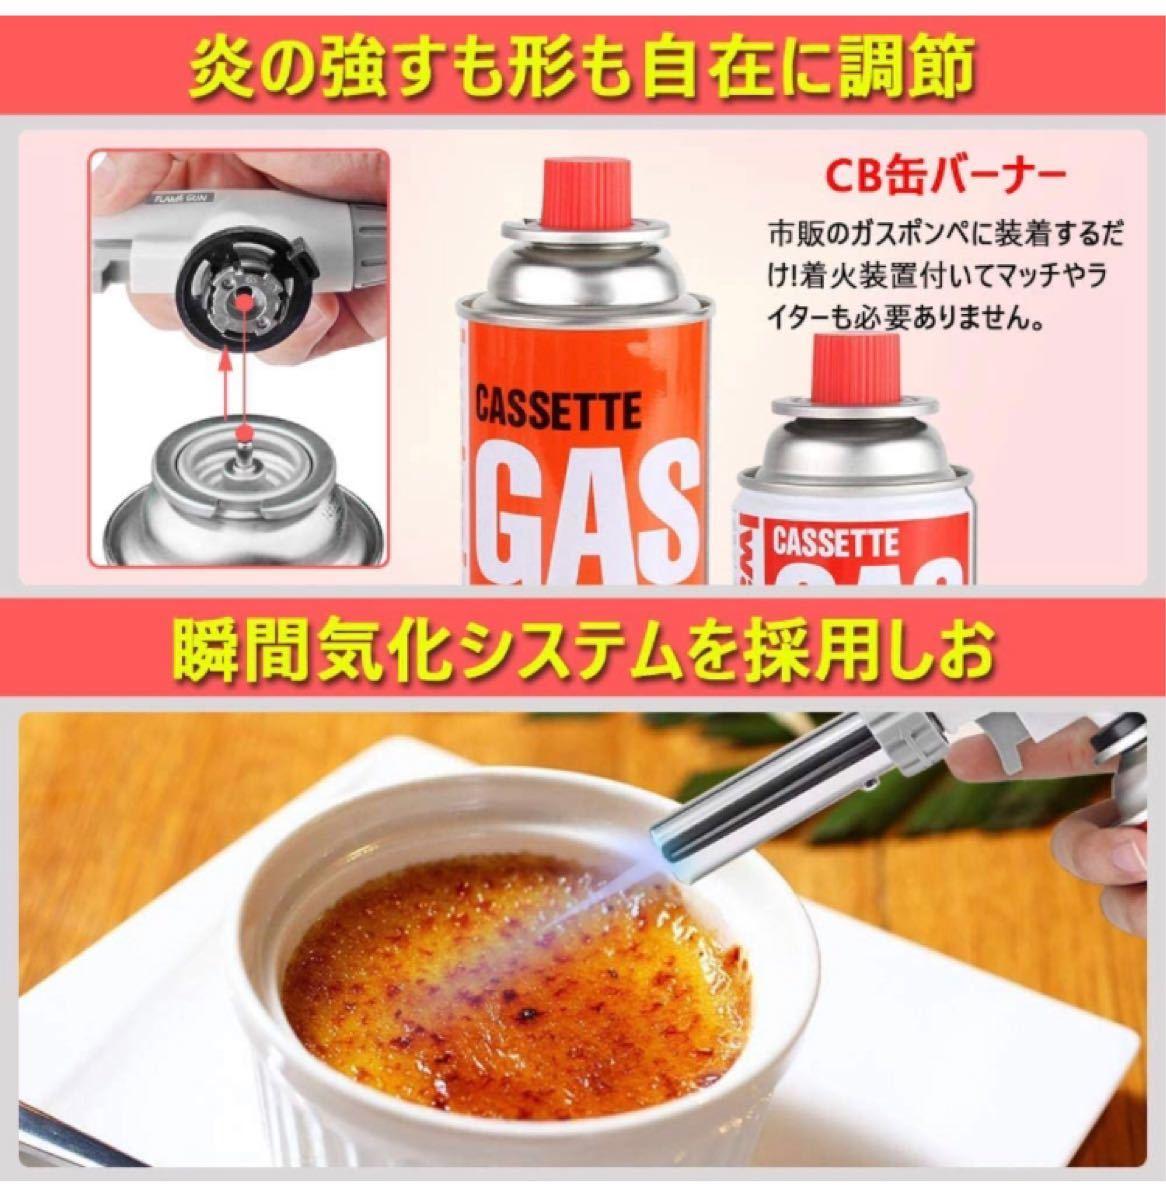 トーチバーナー ガスバーナー料理用 トーチ 900℃~1300℃